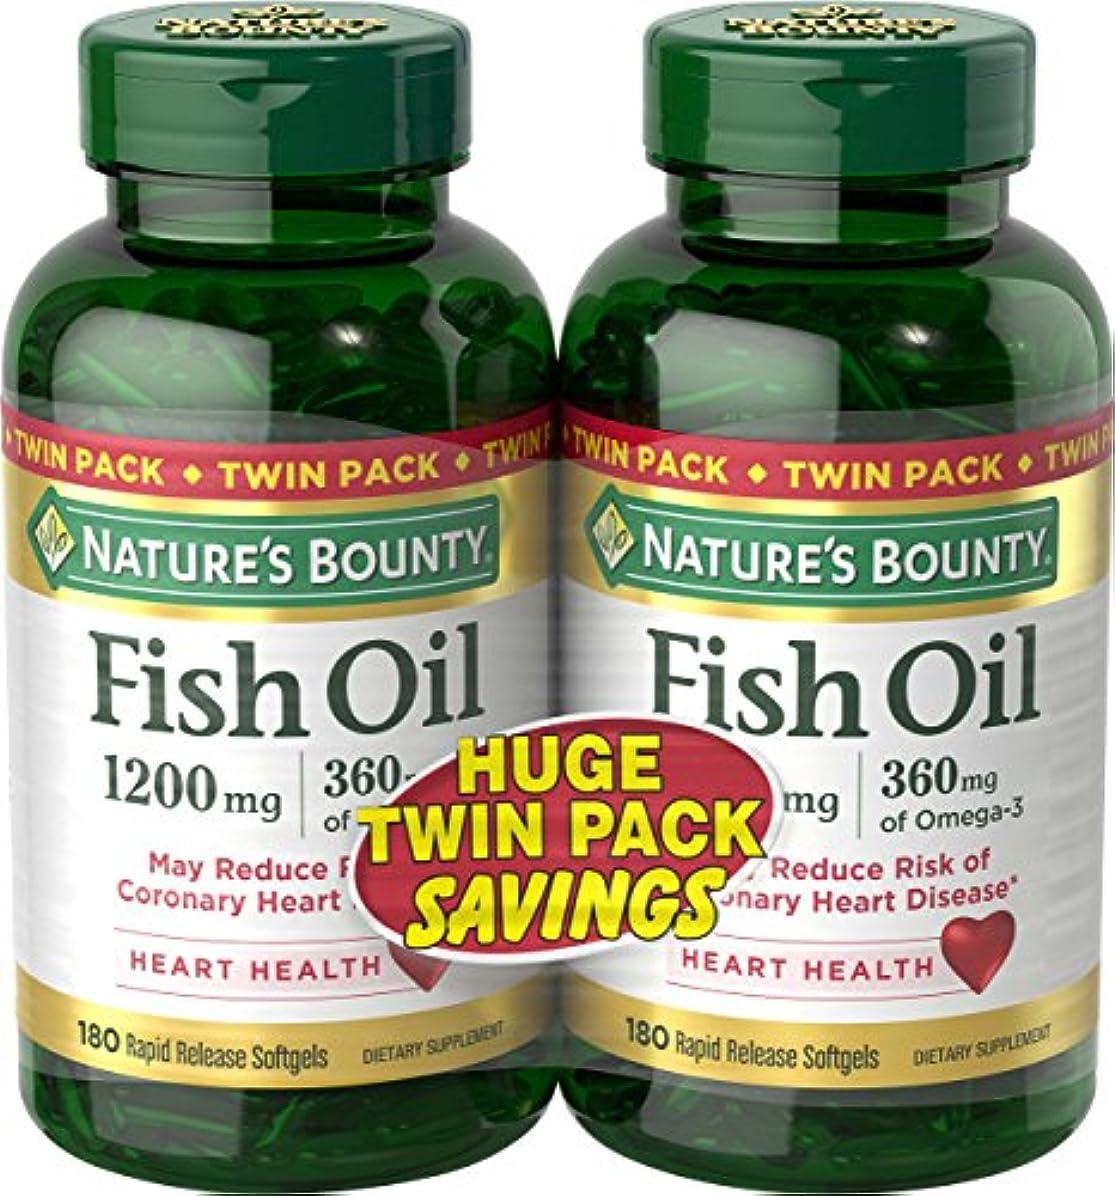 体ズボン覚醒Nature's Bounty Fish Oil 1200 mg Twin Packs, 180 Rapid Release Liguid Softgels 海外直送品